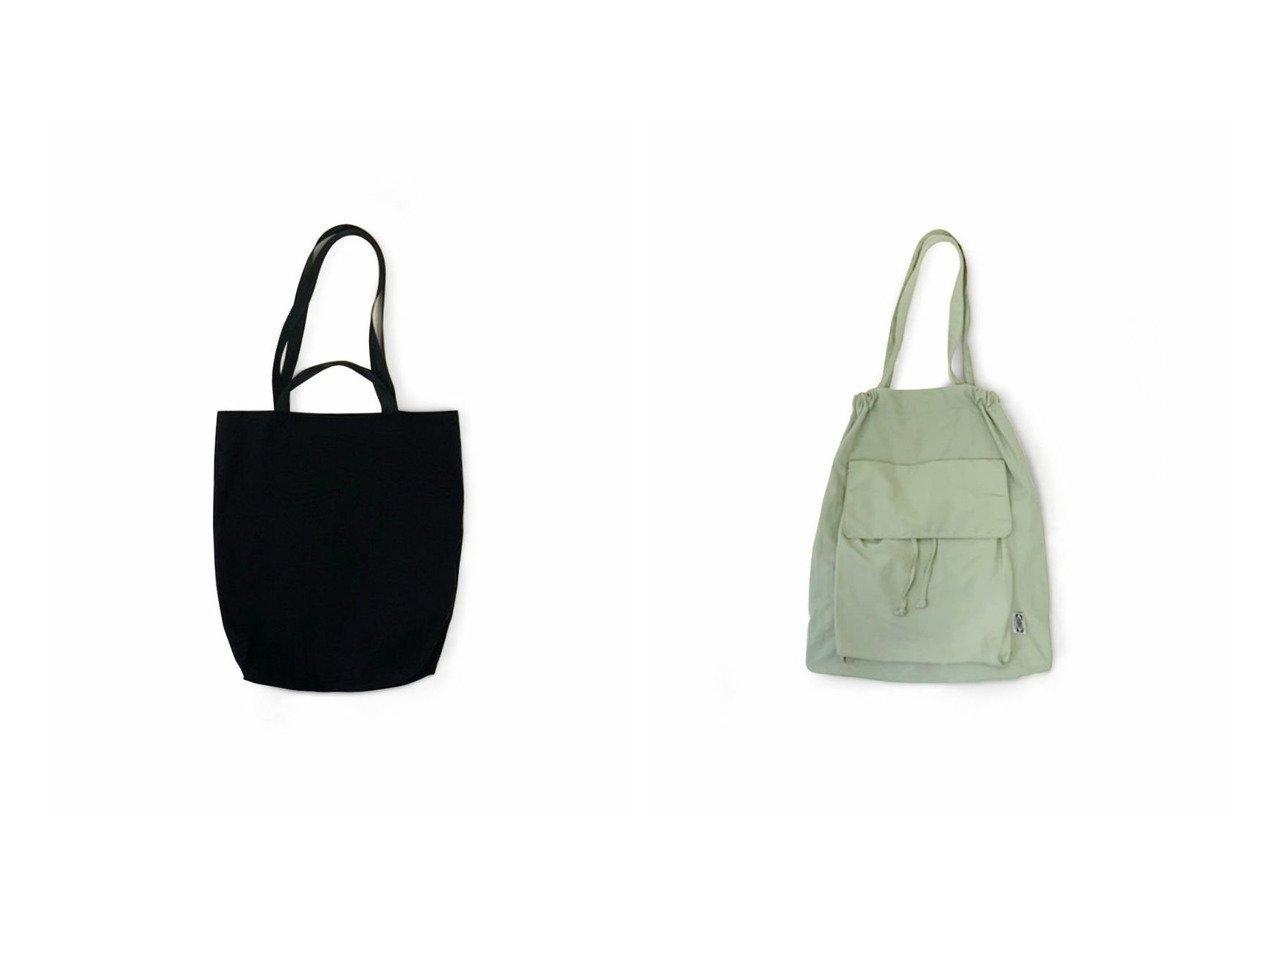 【marjour/マージュール】のA4撥水バッグ A4 WATER-REPELLENT BAG&A4撥水バッグ A4 WATER-REPELLENT POCKET BAG おすすめ!人気、トレンド・レディースファッションの通販 おすすめで人気の流行・トレンド、ファッションの通販商品 メンズファッション・キッズファッション・インテリア・家具・レディースファッション・服の通販 founy(ファニー) https://founy.com/ ファッション Fashion レディースファッション WOMEN バッグ Bag コンパクト ショルダー ベーシック ポケット ラップ |ID:crp329100000037035